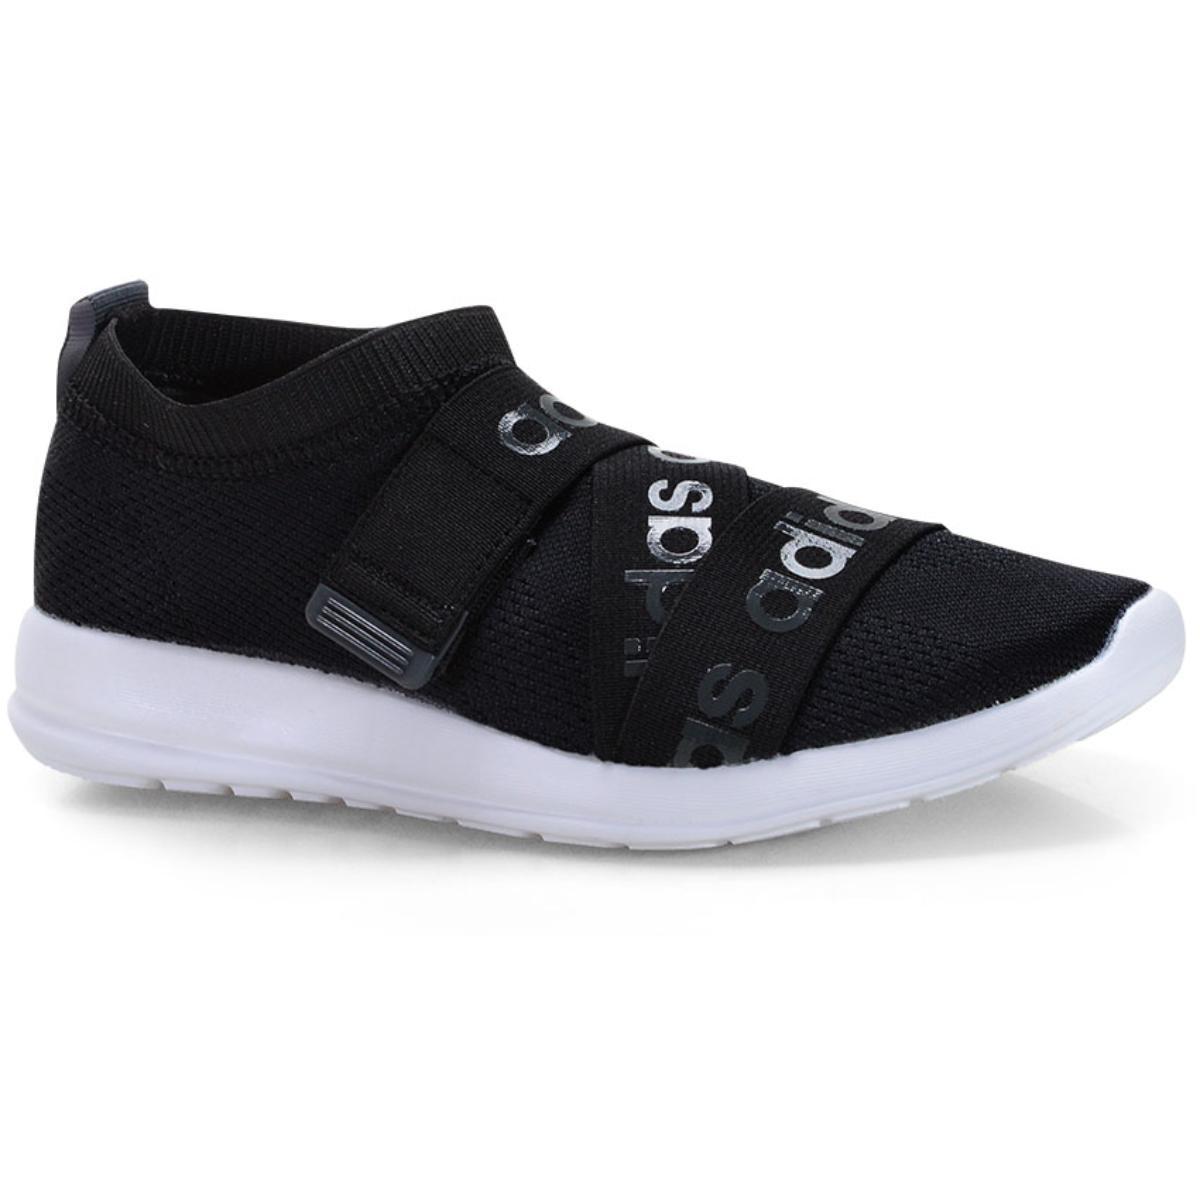 Tênis Feminino Adidas Eg4176 Khoe Adapt x w Preto